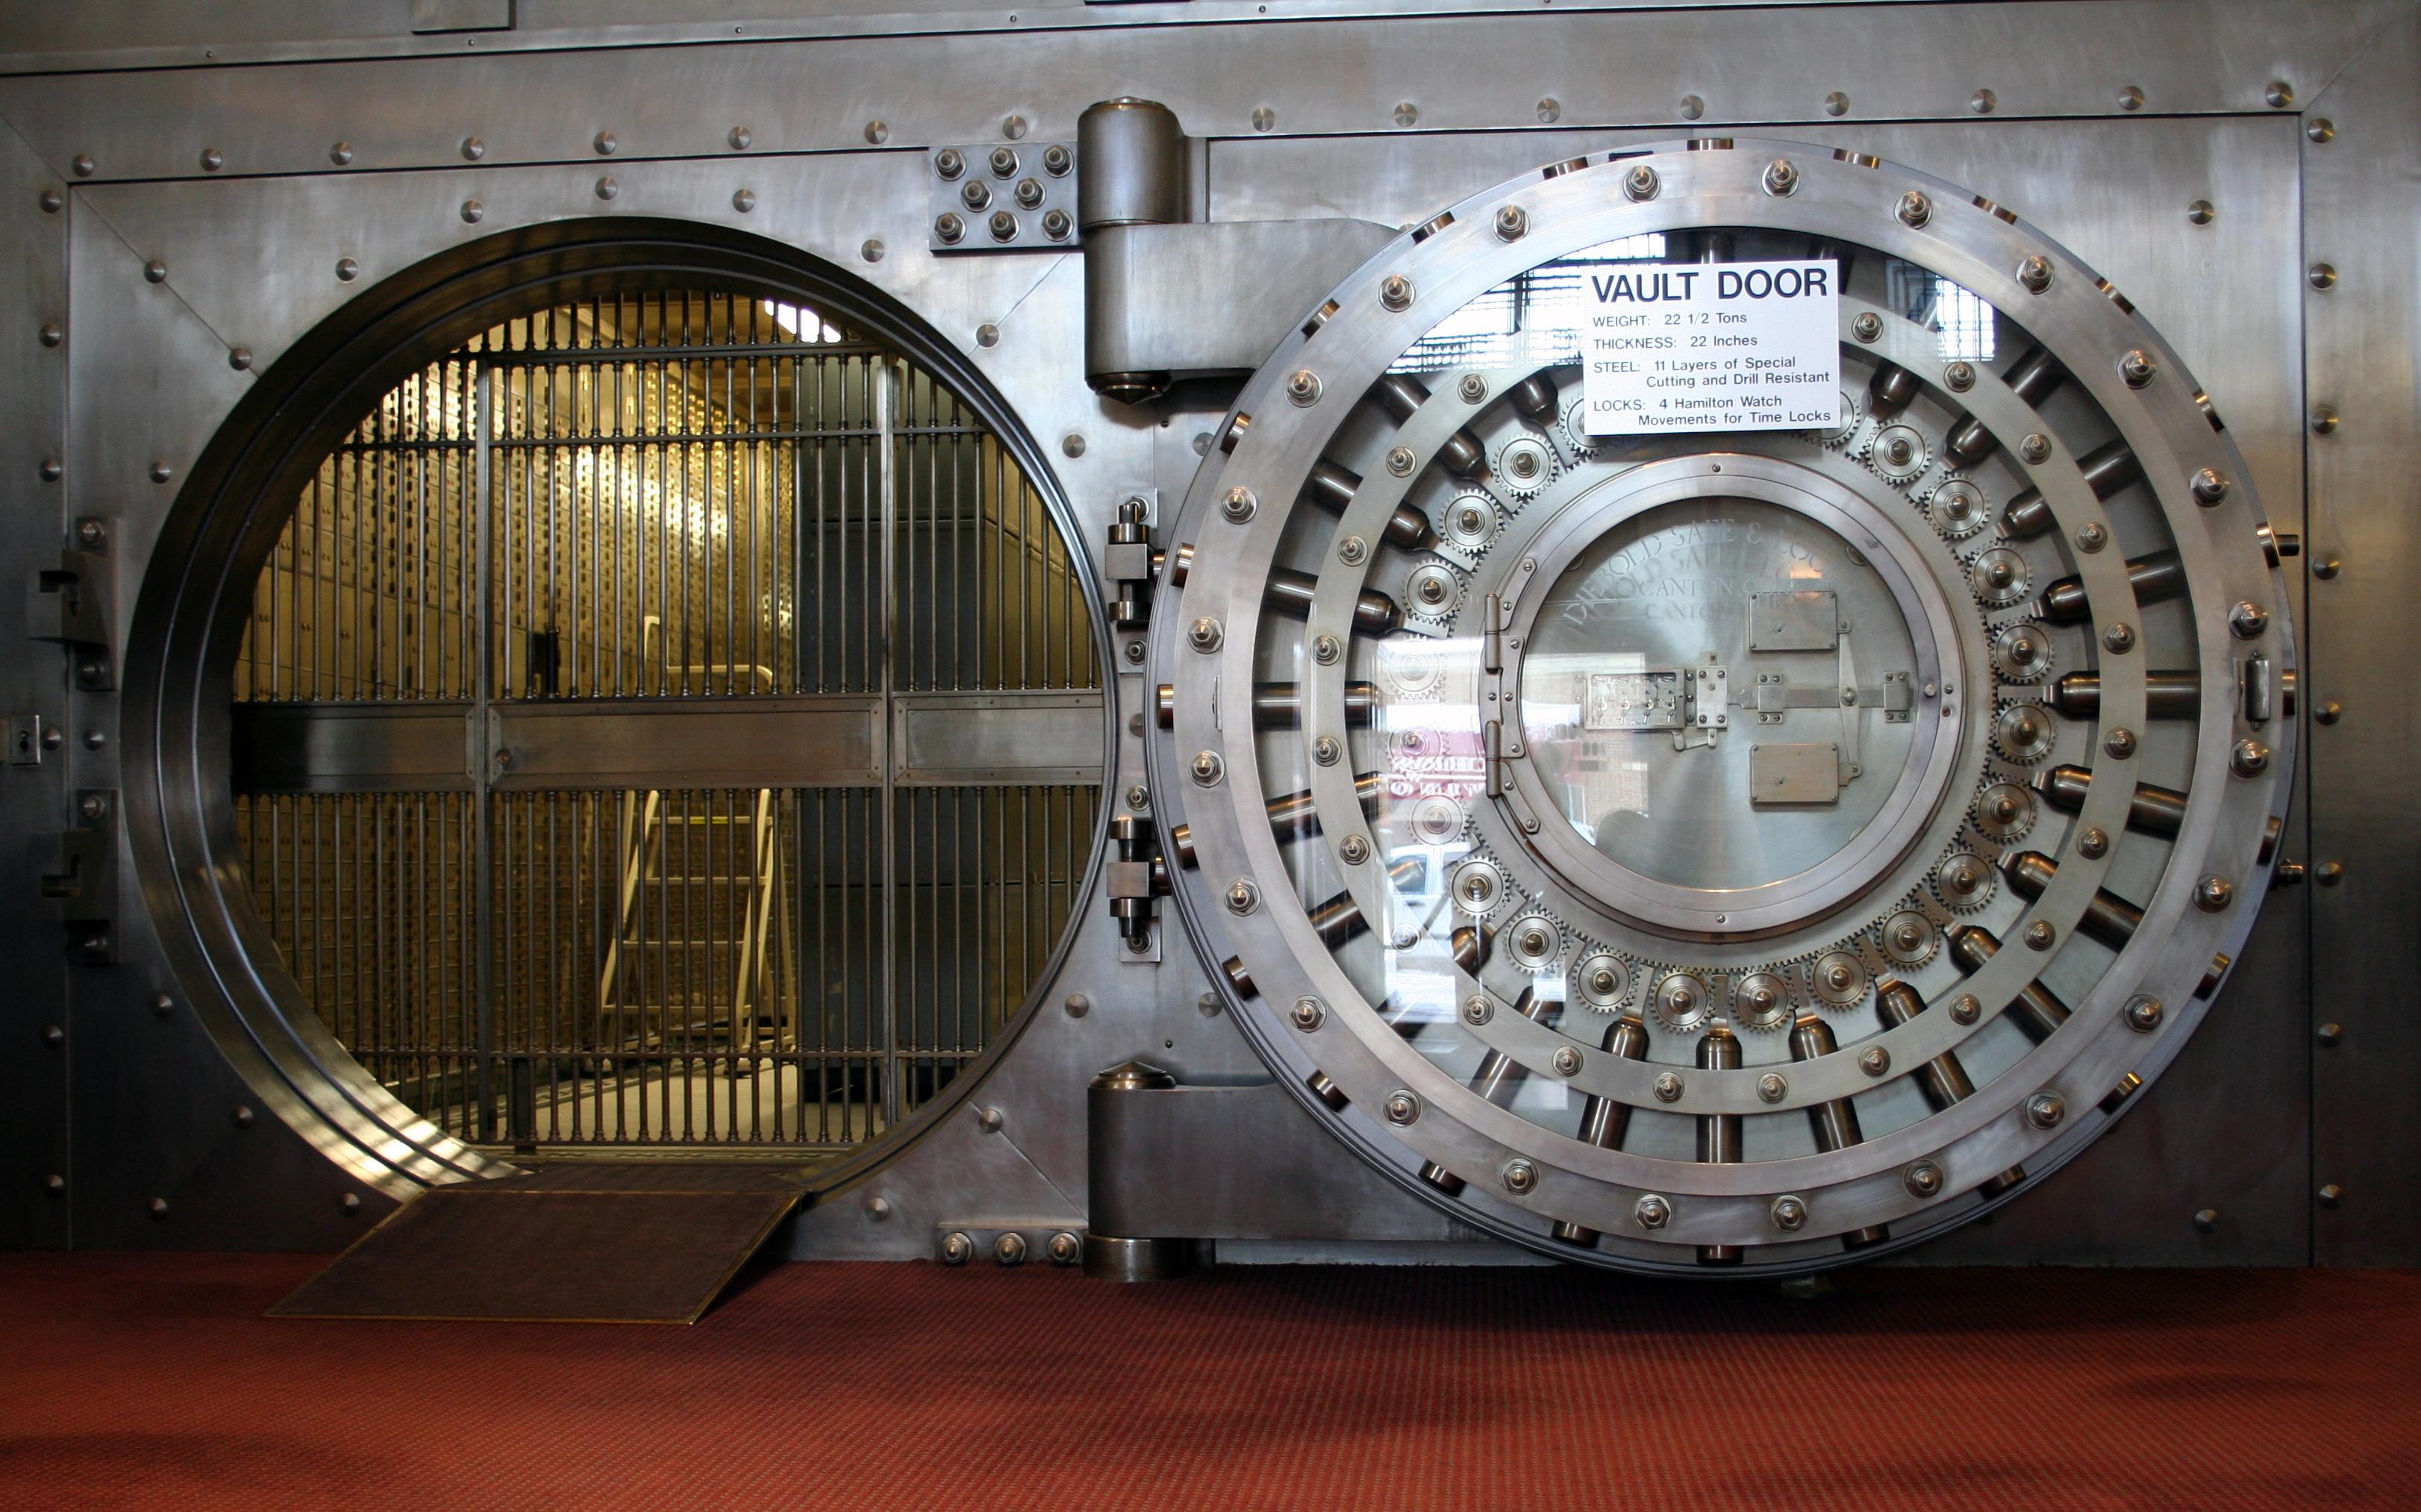 Hétszáz éve nem változott ekkorát a bankolás (Forrás: Jonathunder / Flickr CC-BY / Wikimedia Commons)